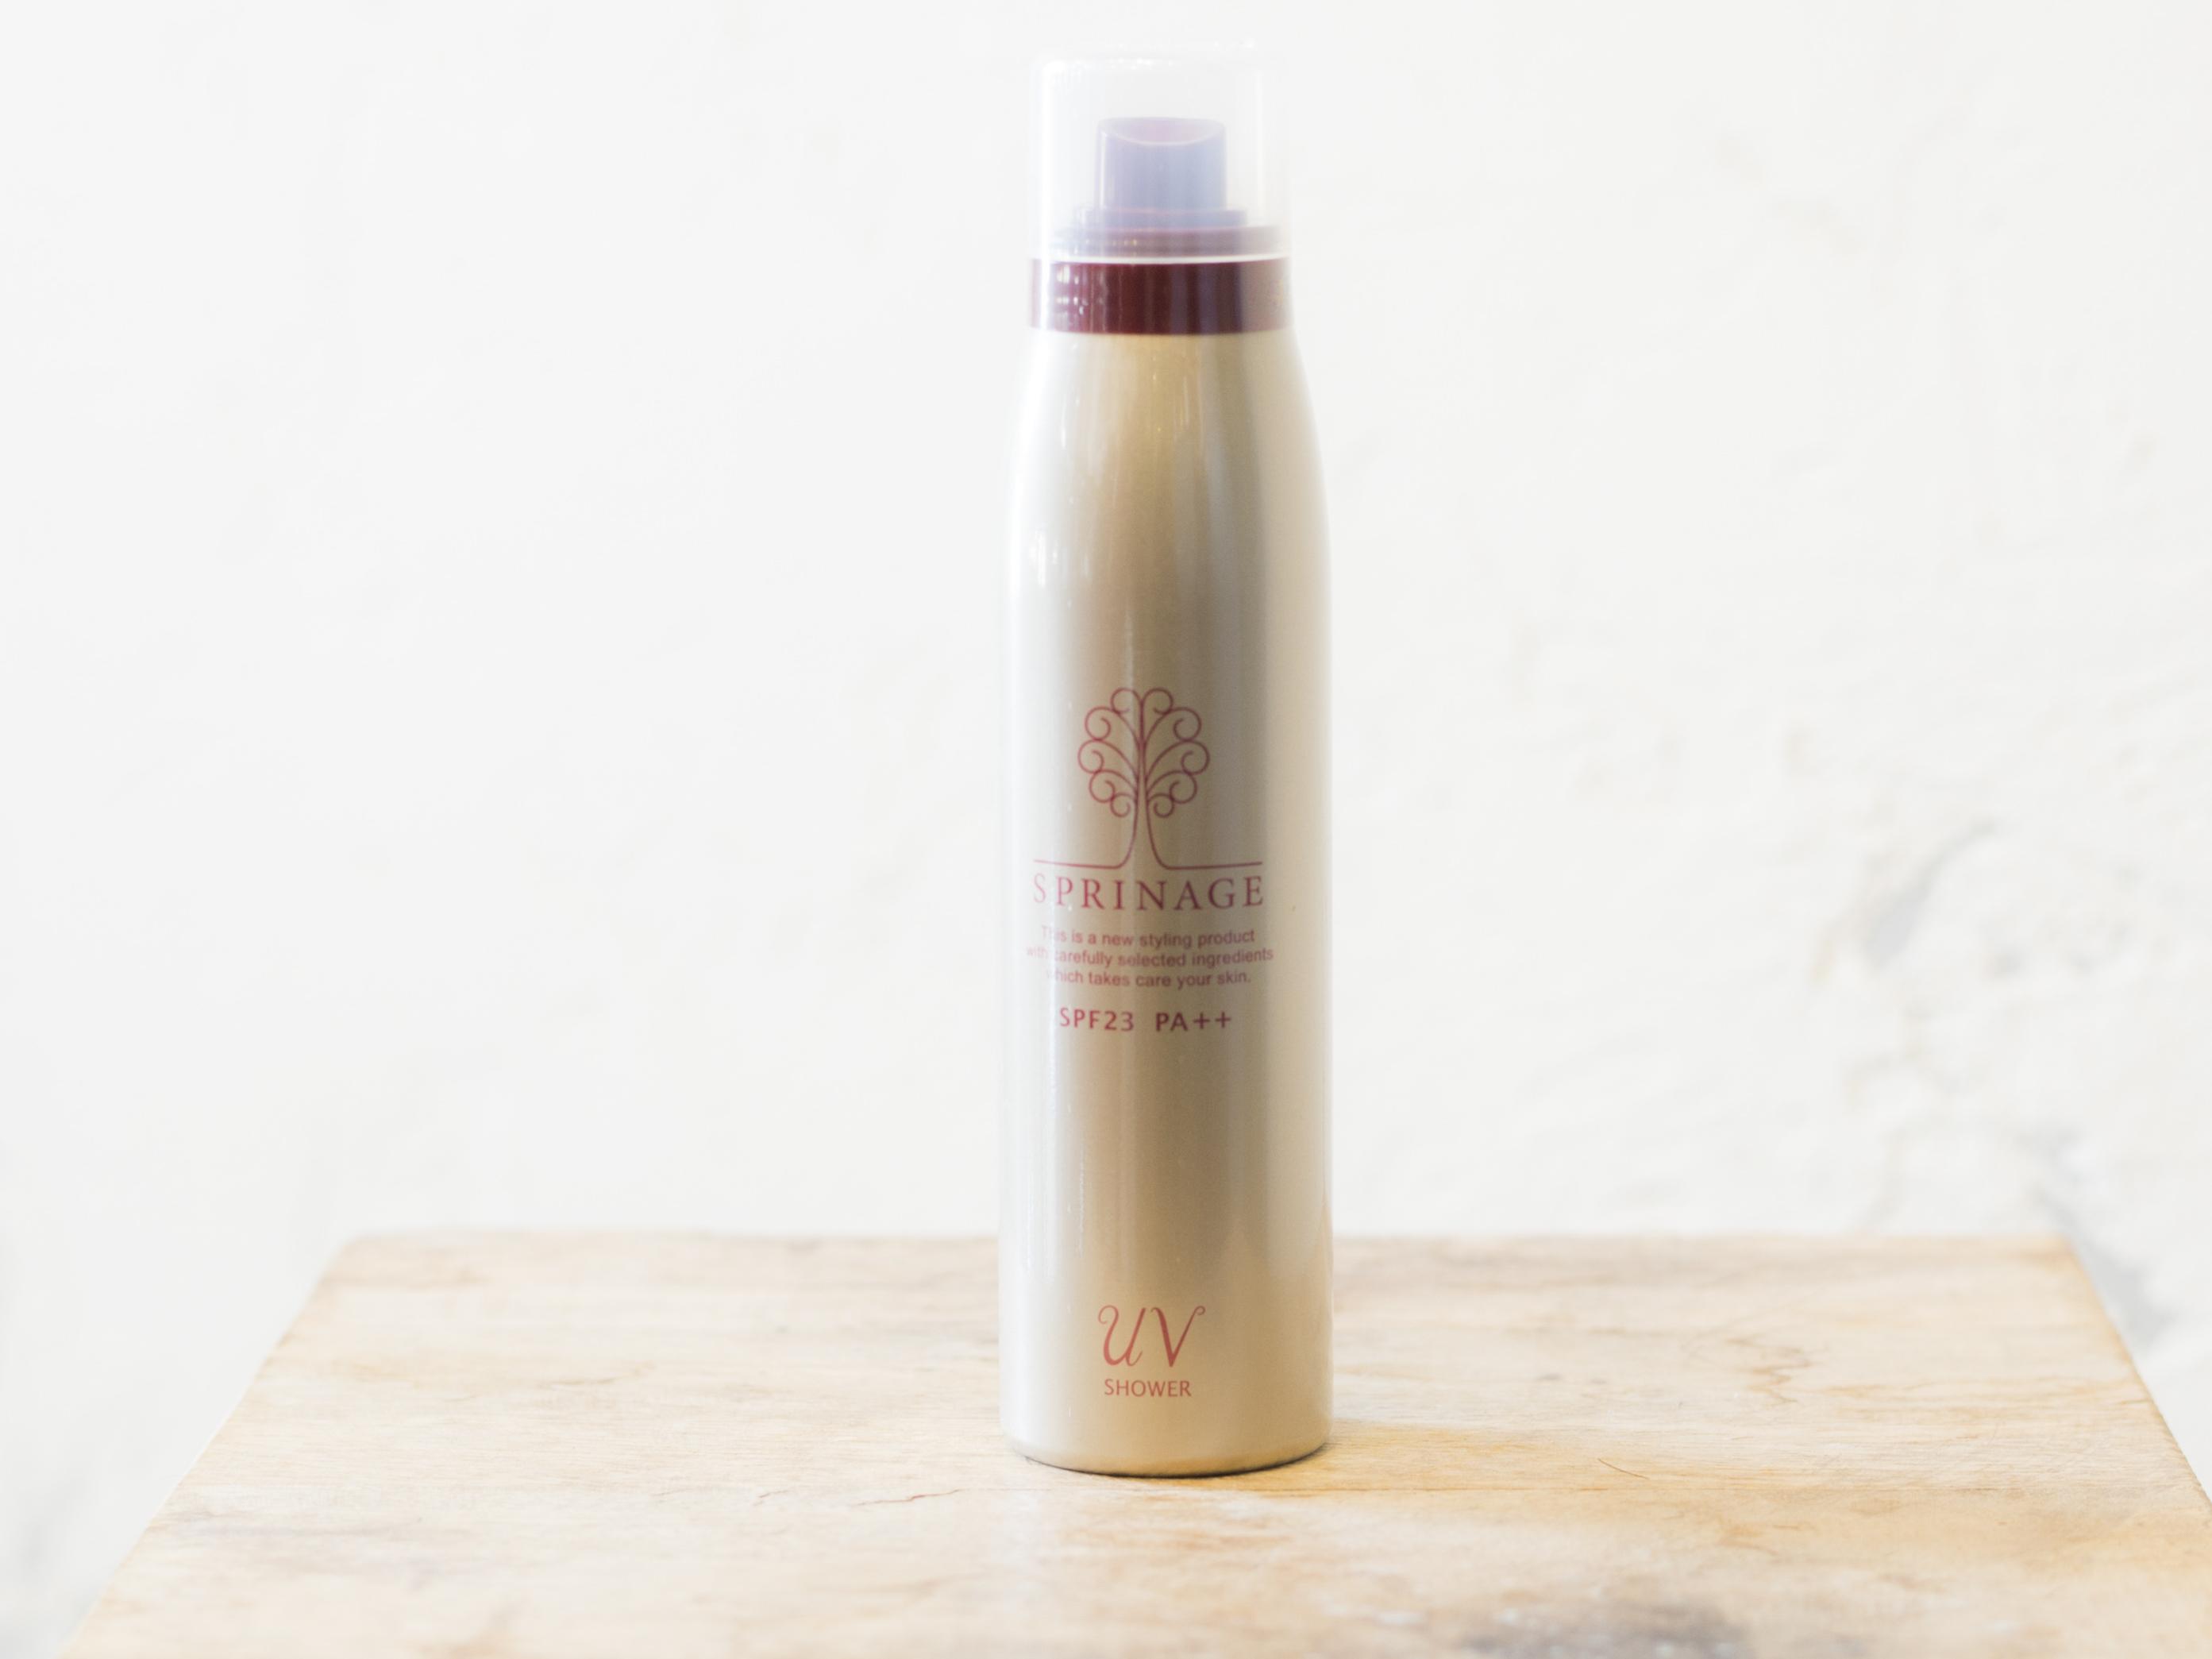 スプリナージュ UV シャワー☆肌をさらさら、髪をツヤやかにする。髪、頭皮、肌に使用可能な紫外線ケアスプレー  SPF23 PA++